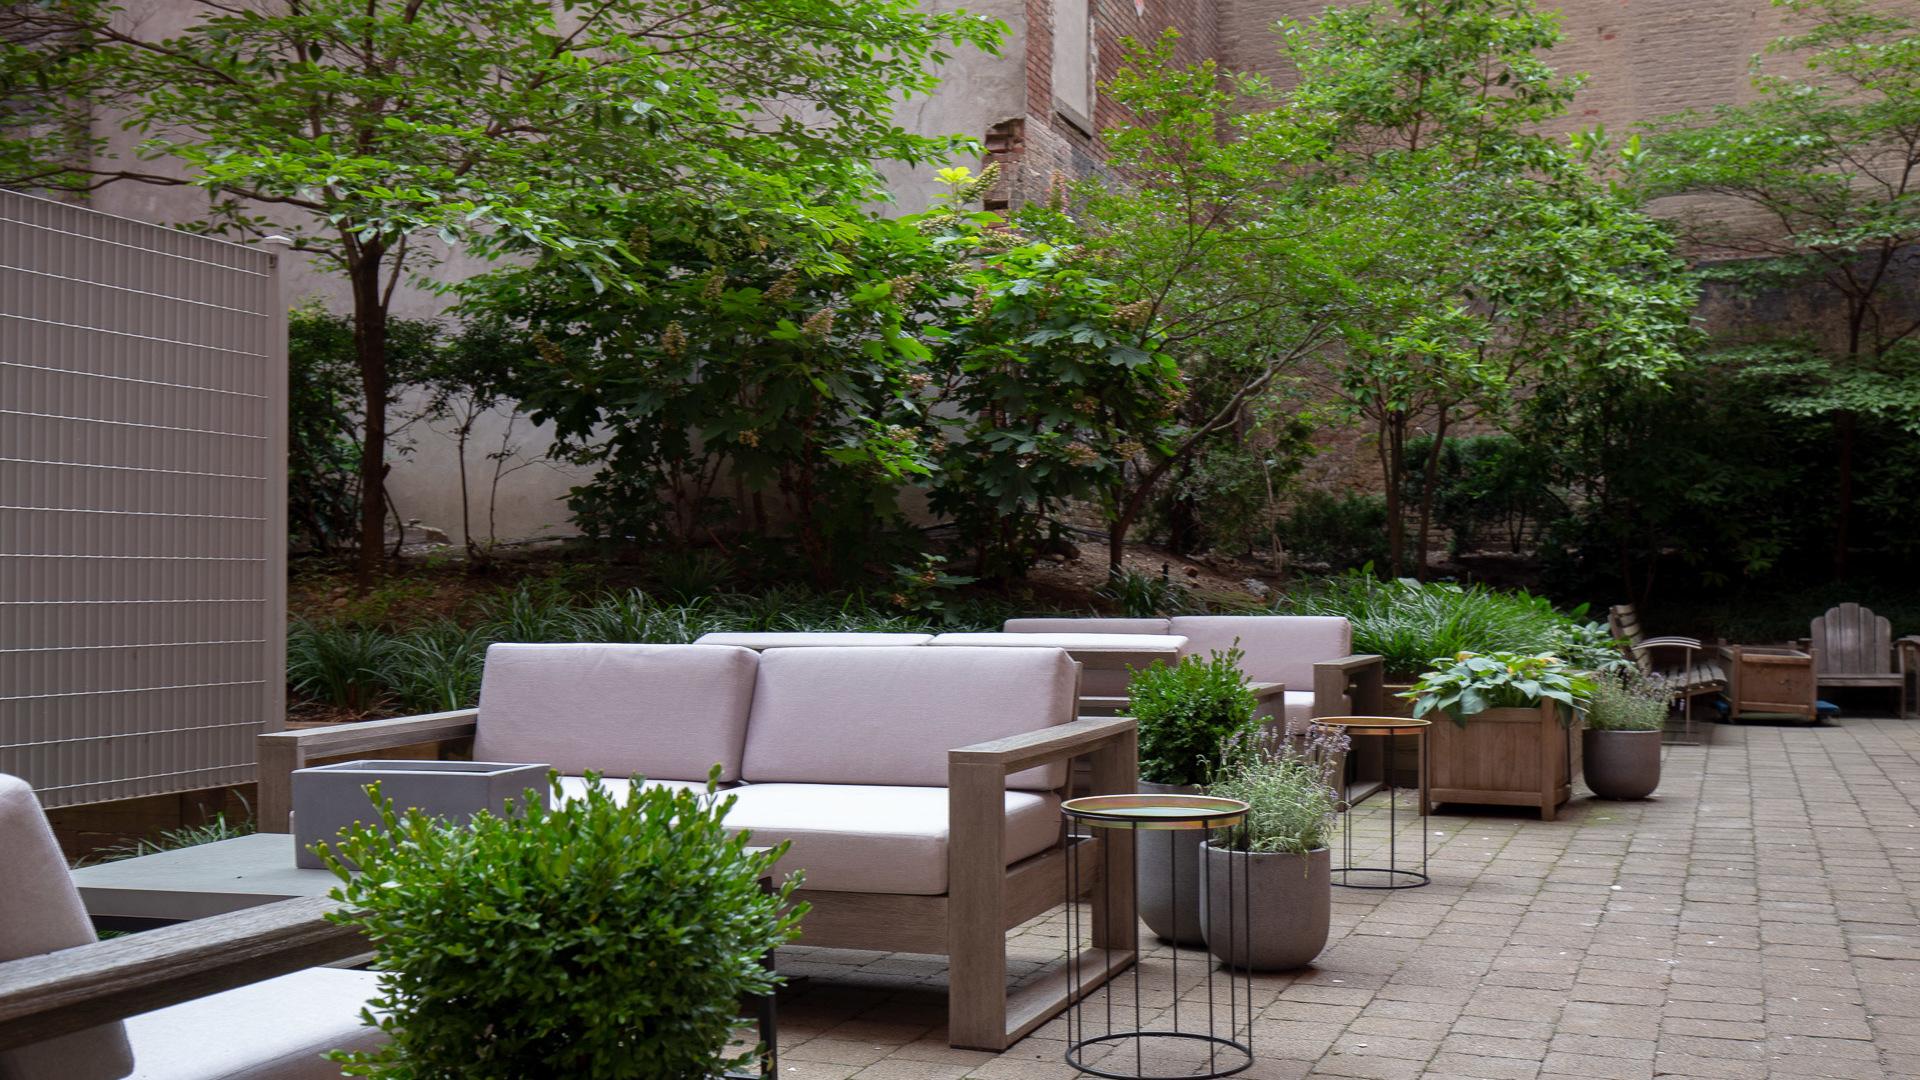 10 rutgers street  courtyard 1